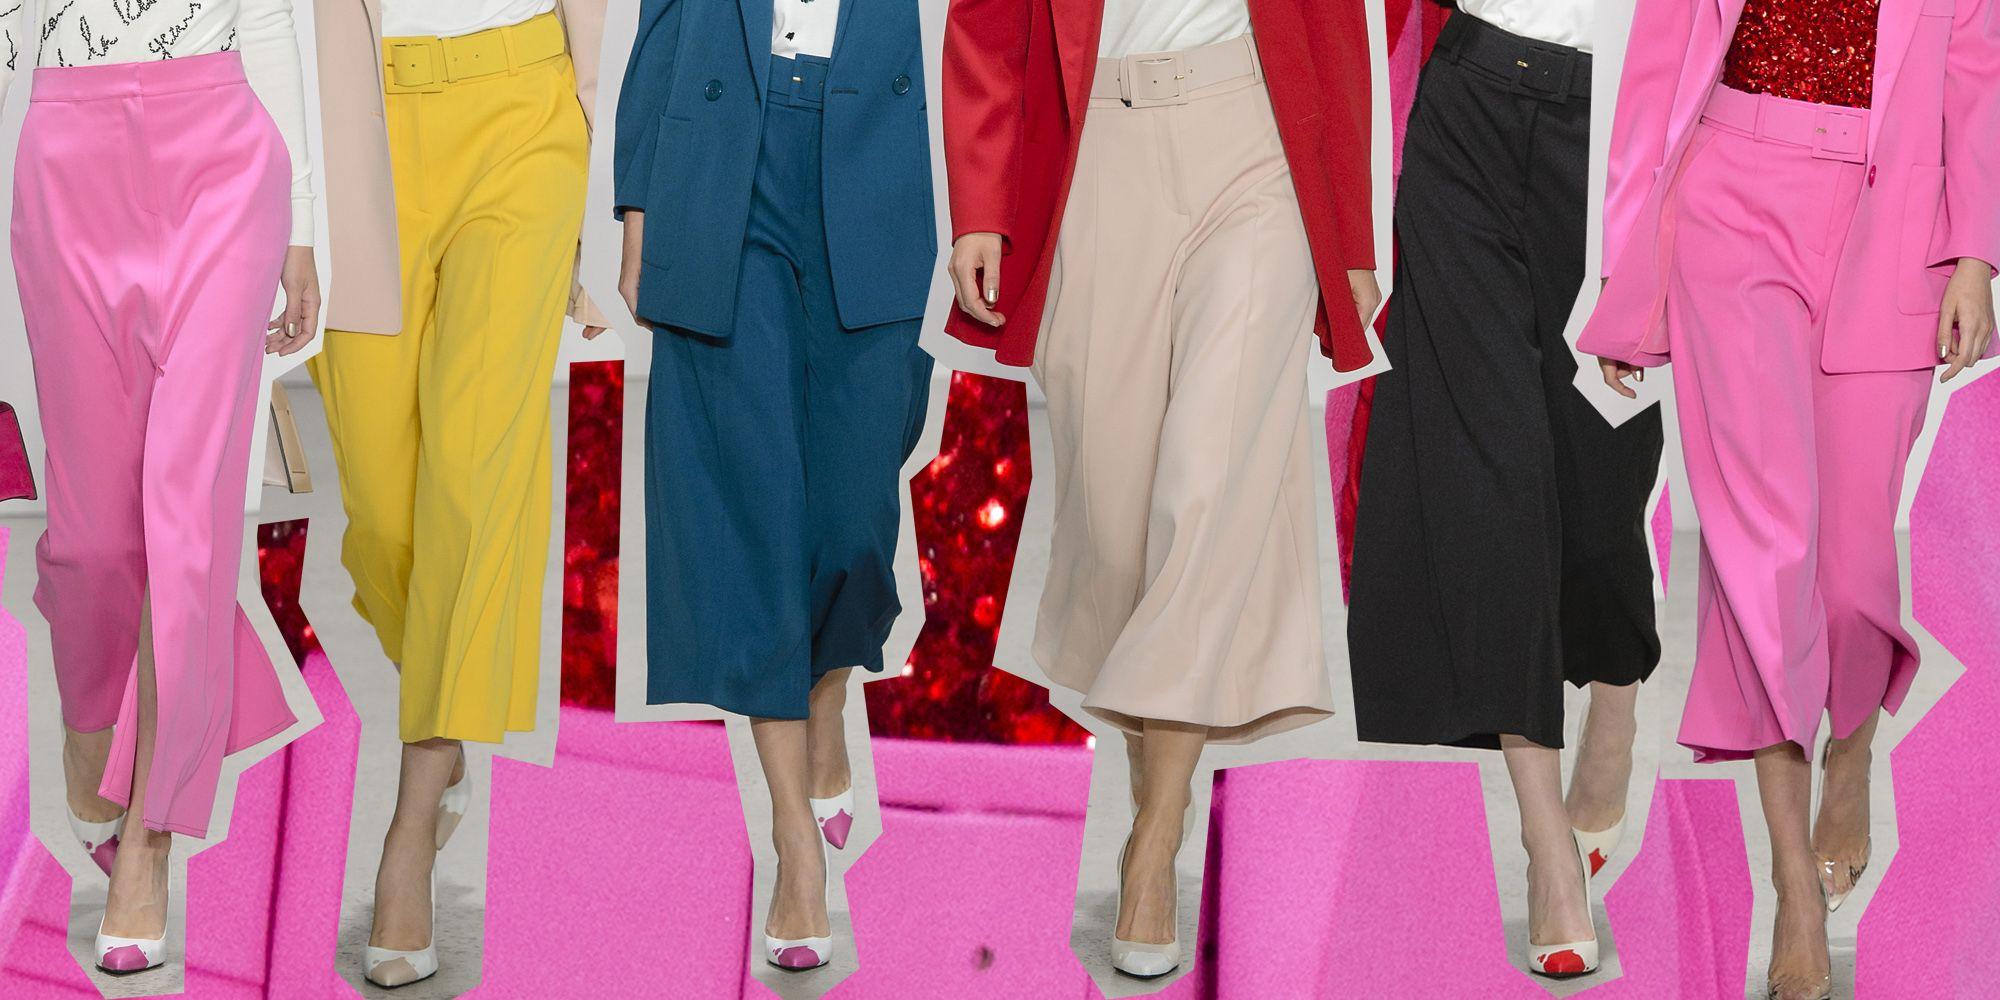 10753be53a40 12 pantaloni culottes da indossare per l'estate 2018